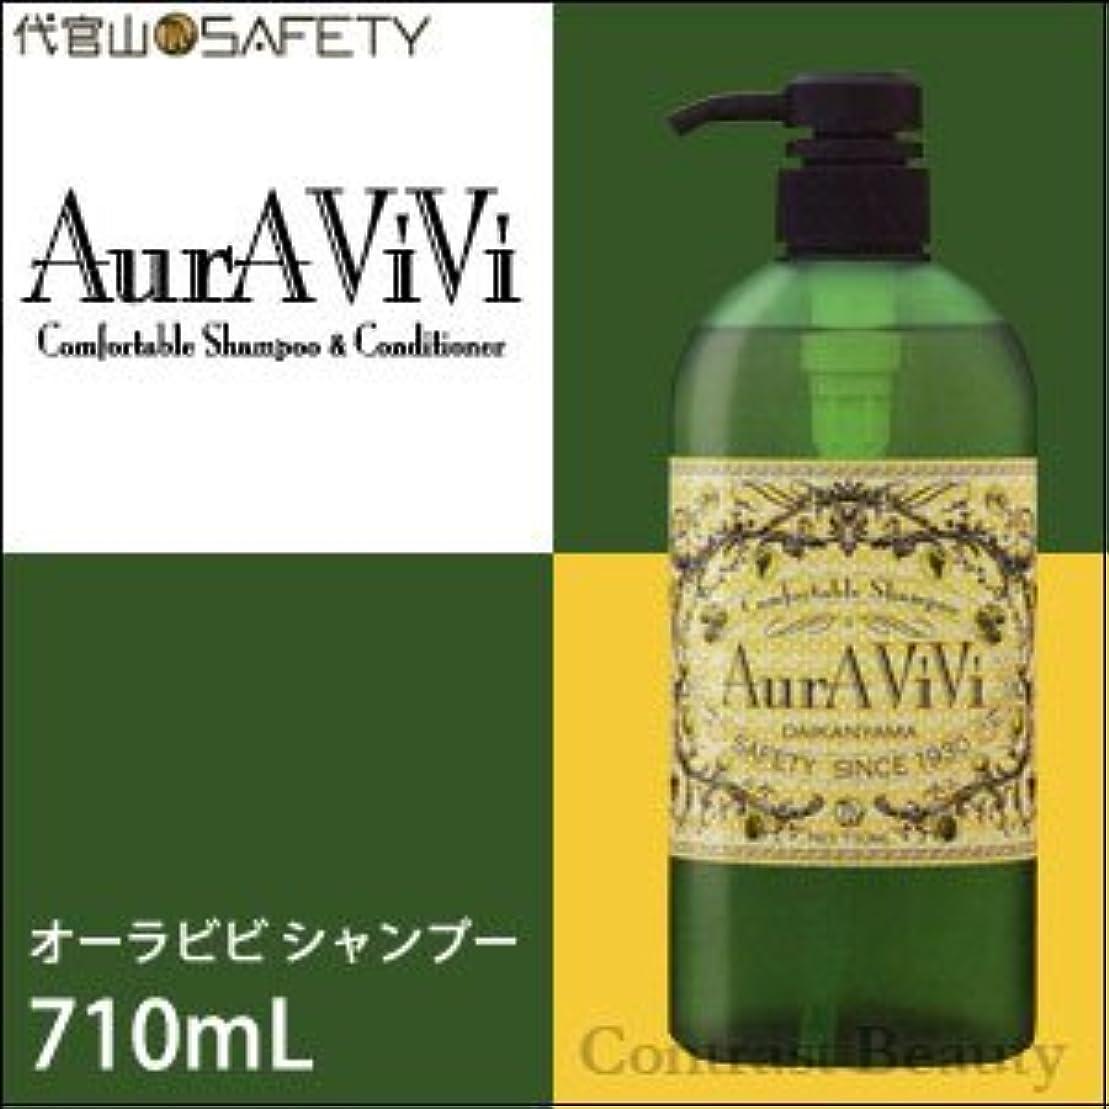 通行料金深める乳剤【X3個セット】 セフティ オーラビビ シャンプー 710ml